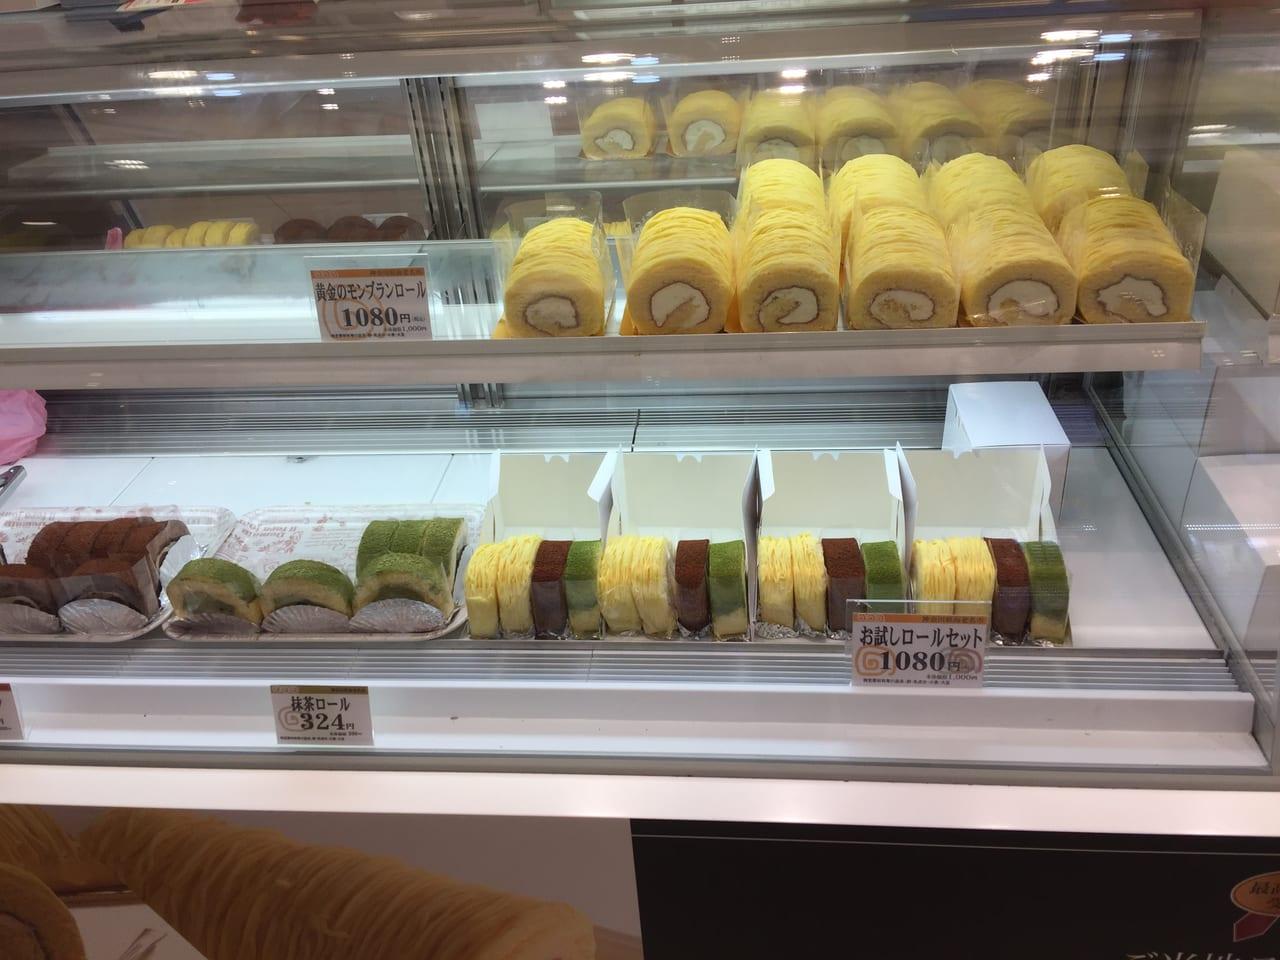 ロリアン洋菓子店のショーケース